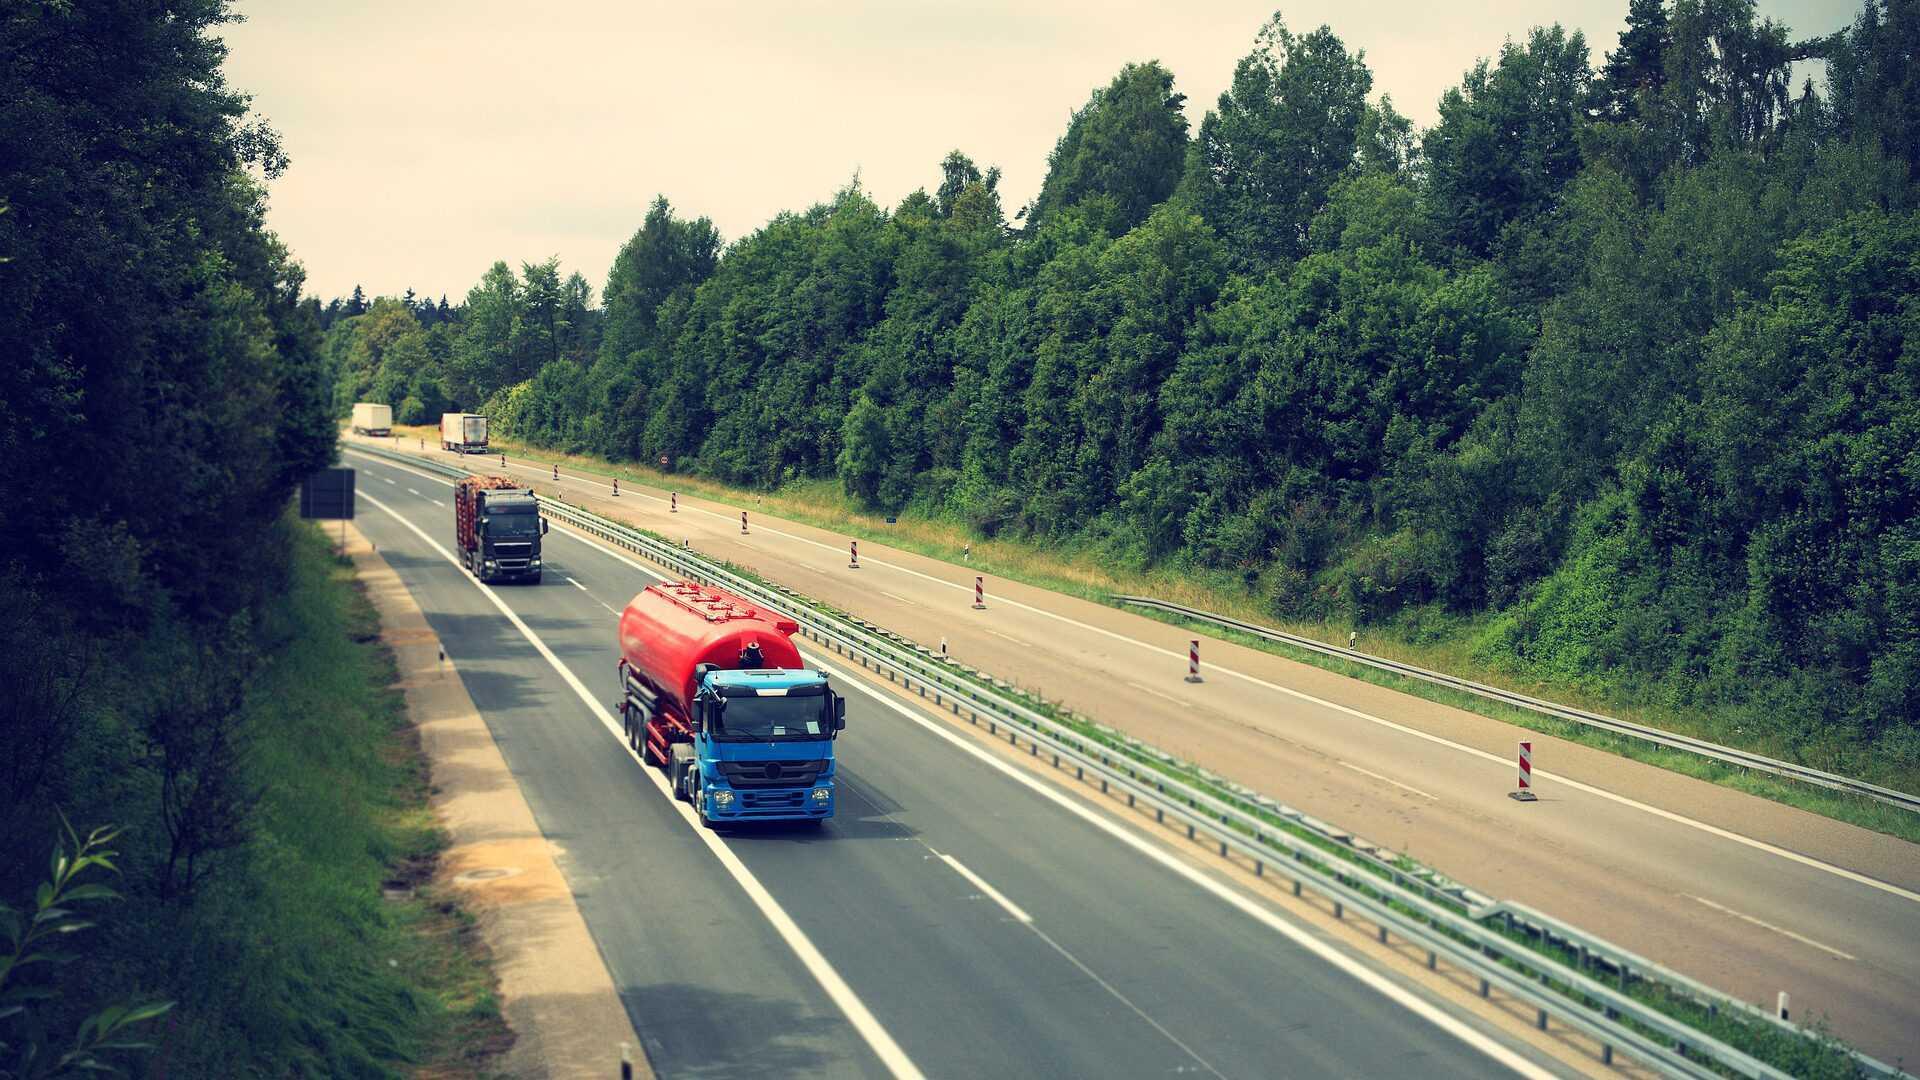 Inhaalverbod voor vrachtwagens